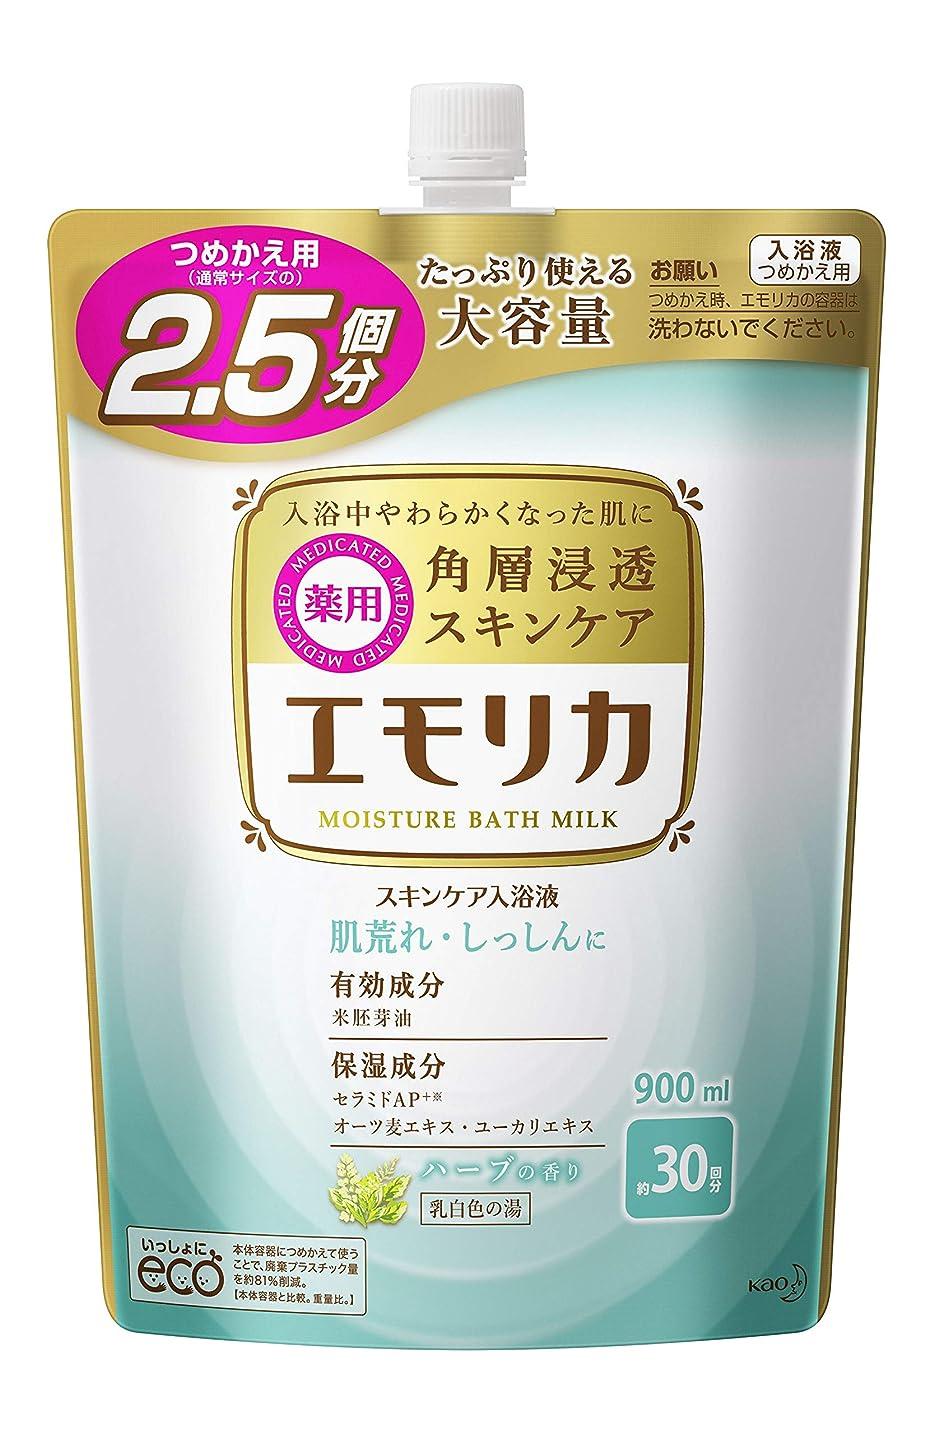 視線不愉快に礼儀【大容量】エモリカ 薬用スキンケア入浴液 ハーブの香り つめかえ用900ml 液体 入浴剤 (赤ちゃんにも使えます)